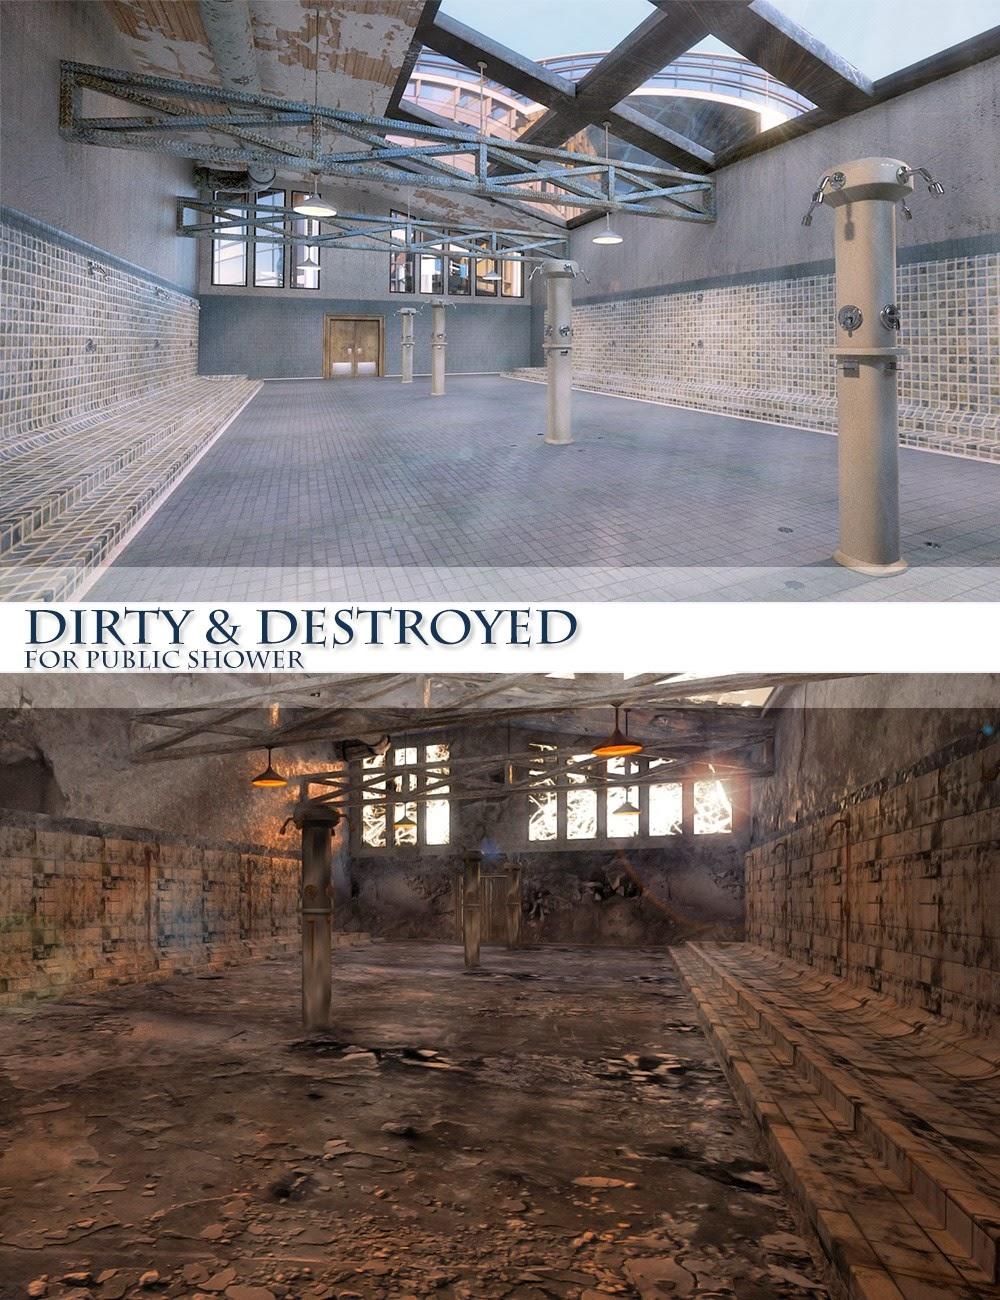 Dirty et destroyed douche publique